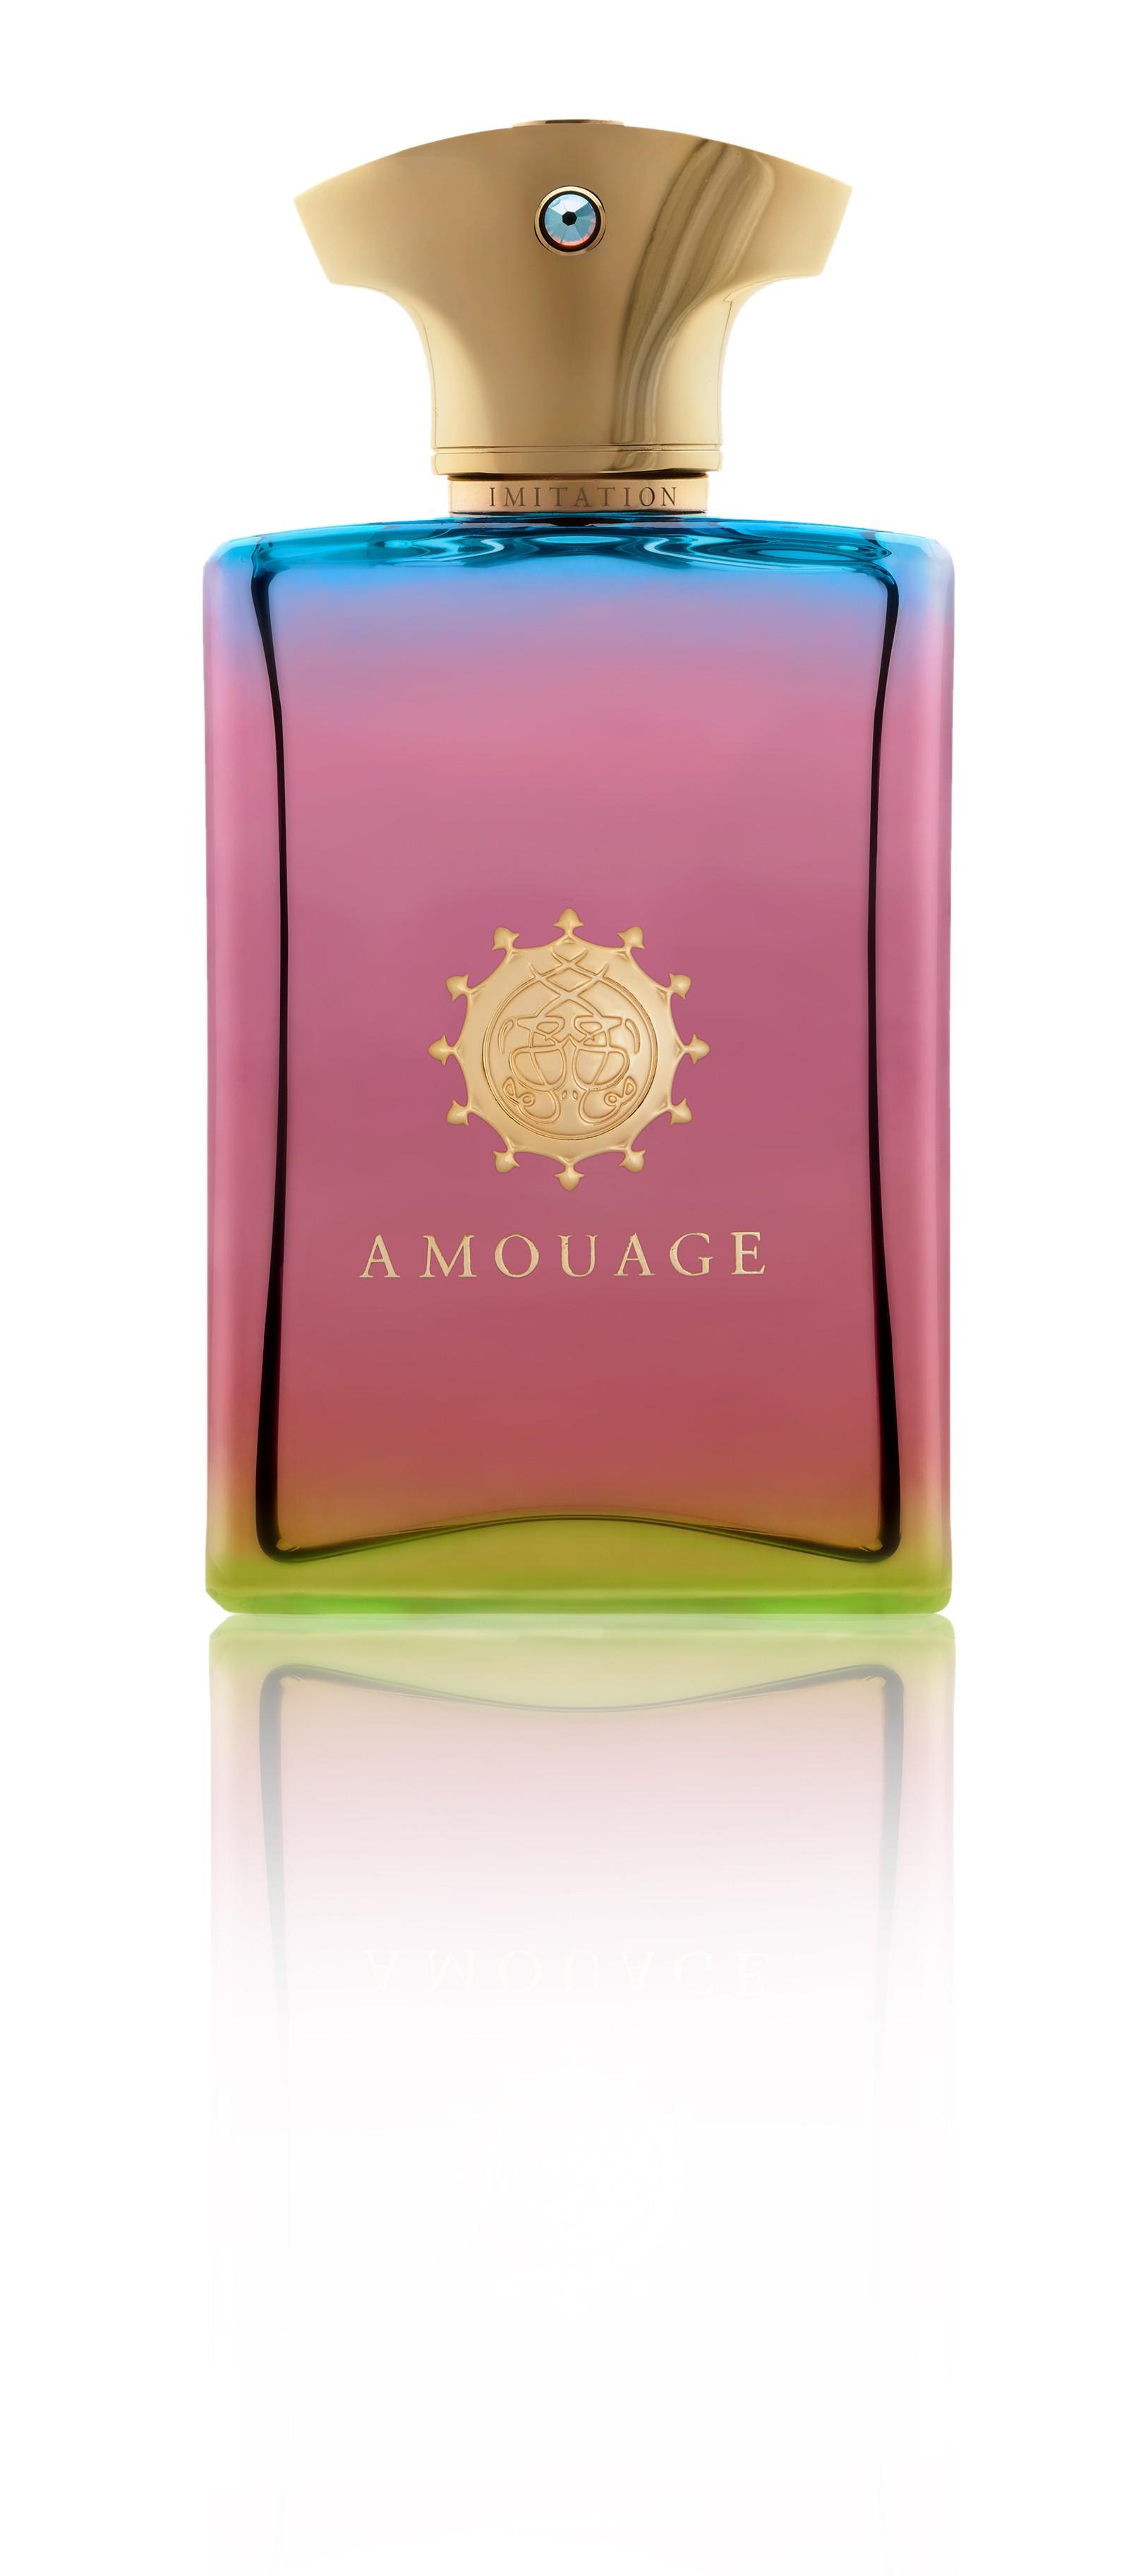 Amouage Imitation For Man аромат для мужчин